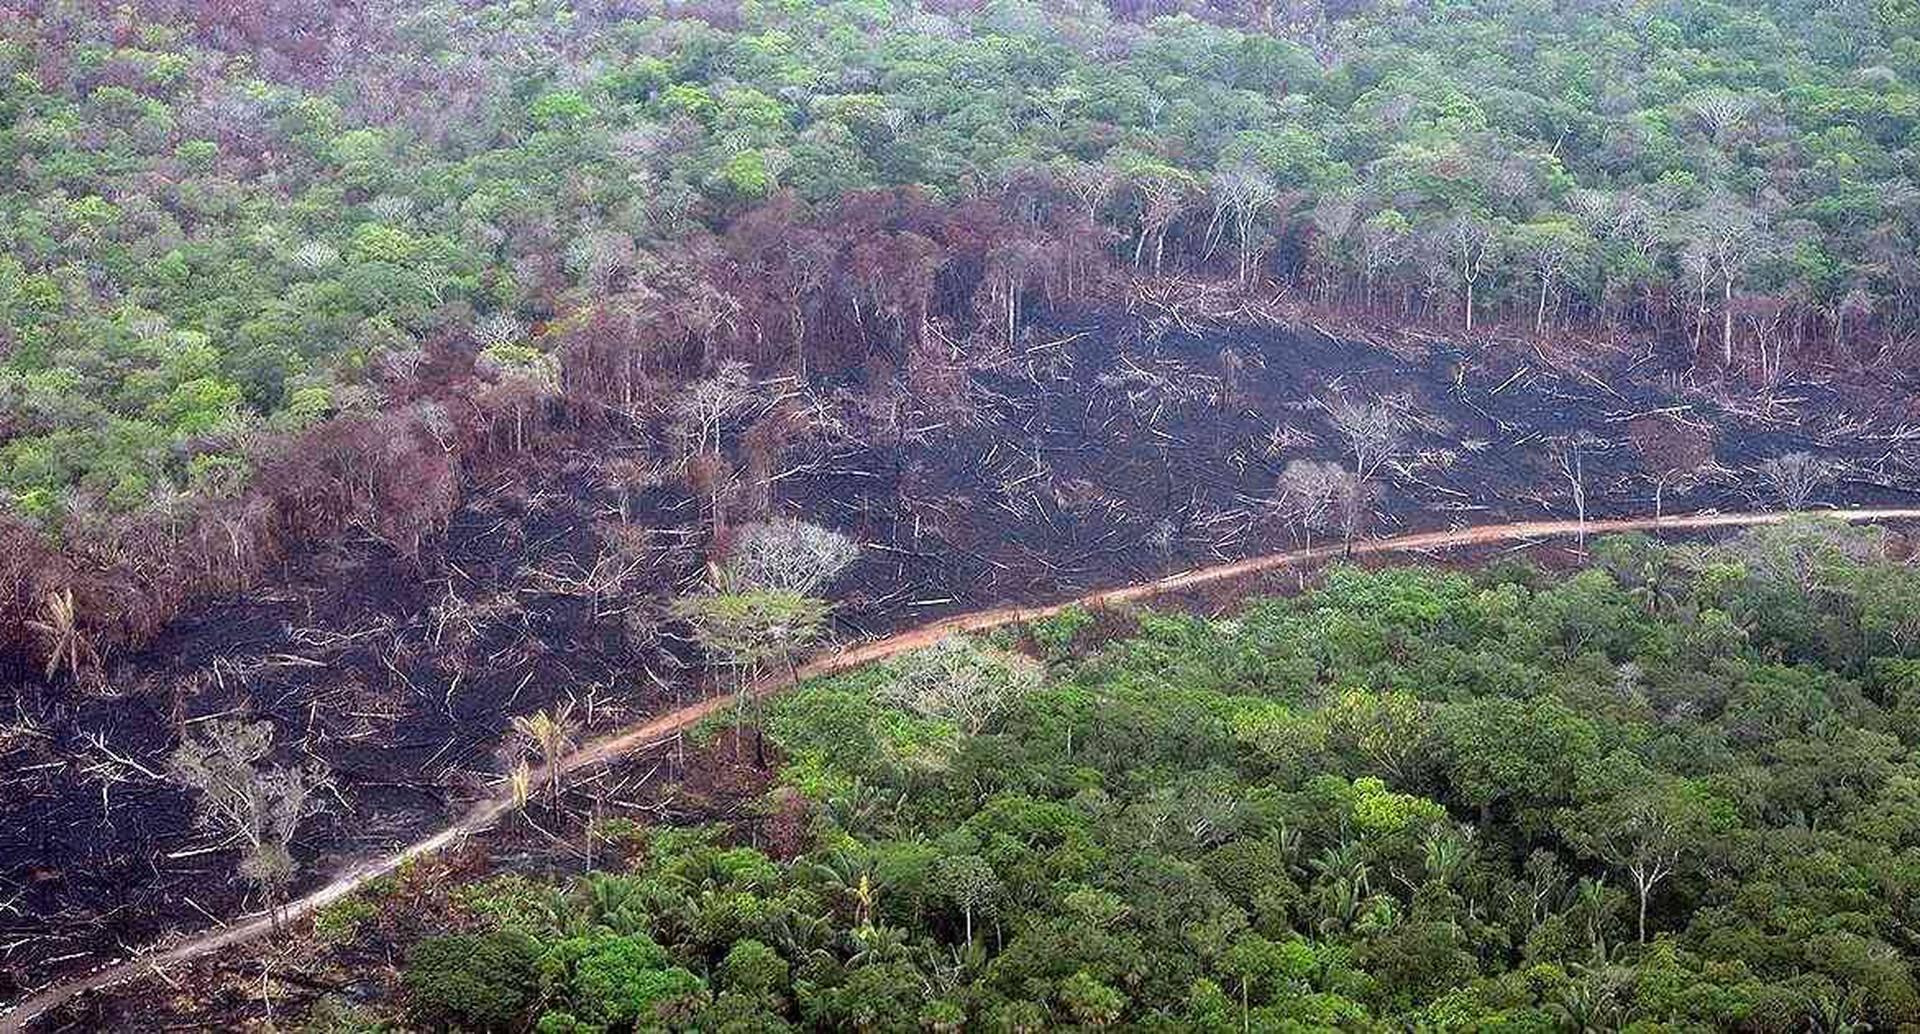 La deforestación es una de las principales causas de los incendios en la Amazonia.